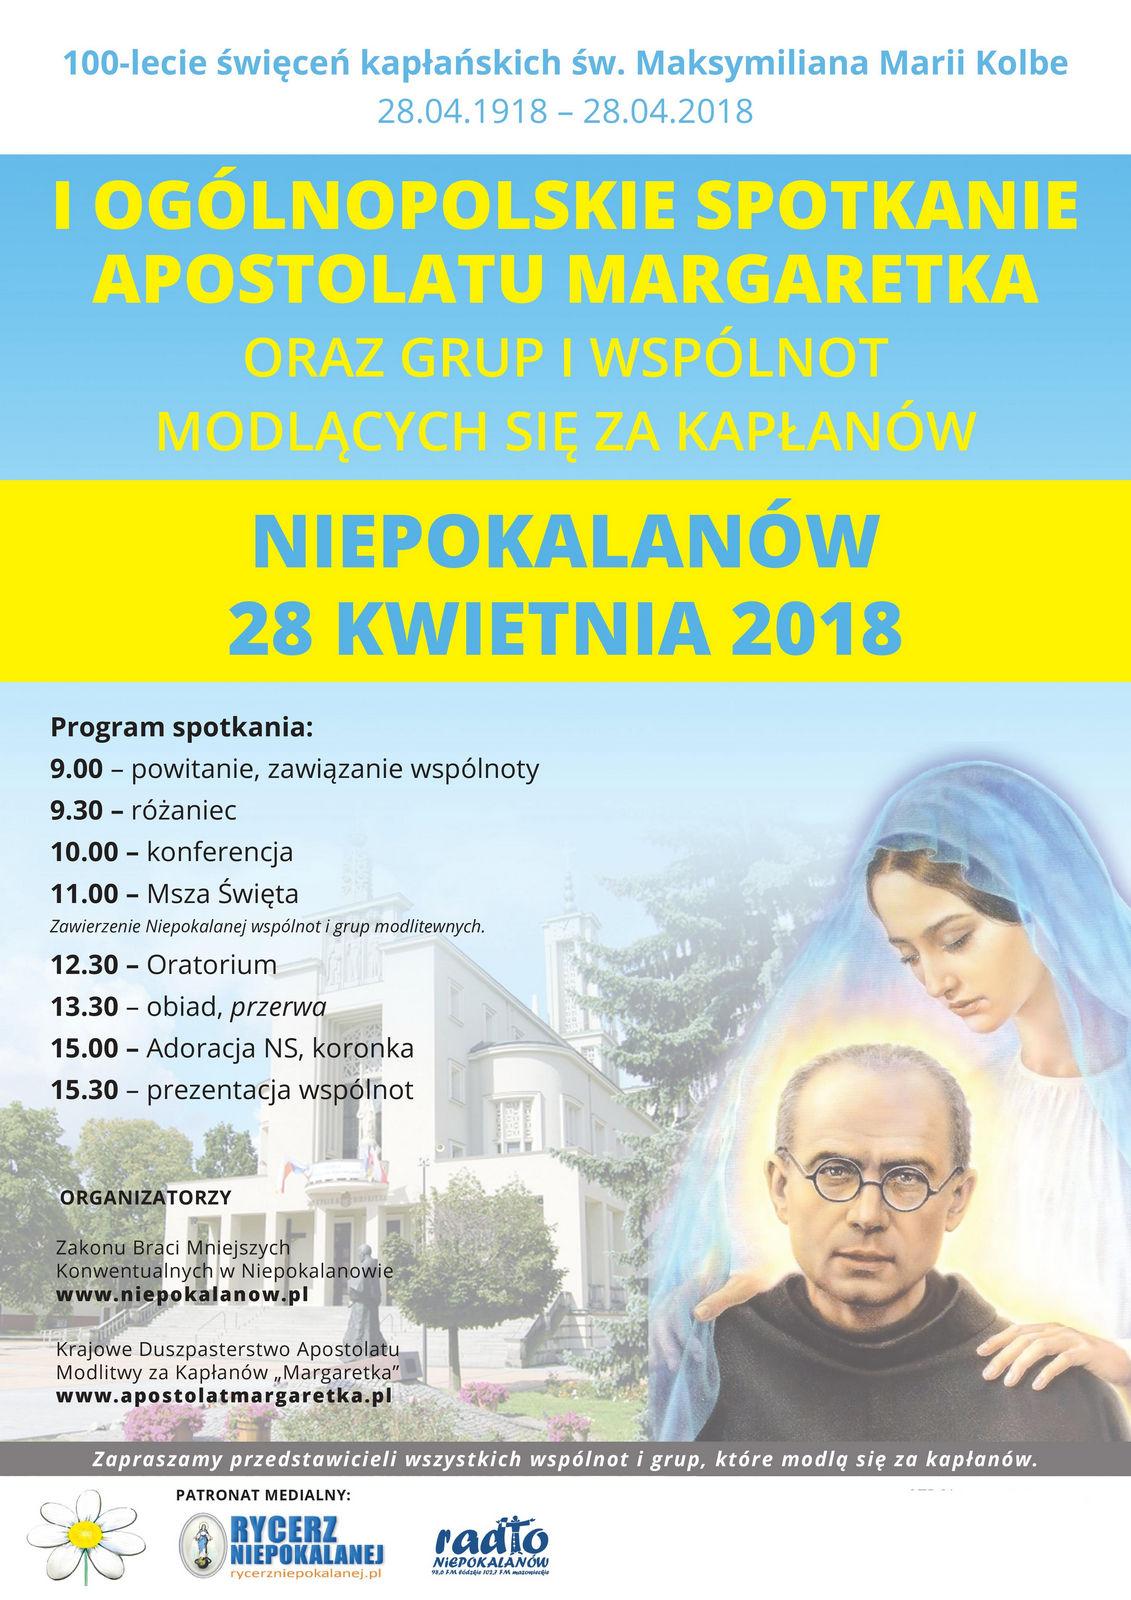 I Ogólnopolskie Spotkanie Apostolatu Margaretka oraz grup i wspólnot modlących się za kapłanów: Niepokalanów, 28 kwietnia 2018 r.